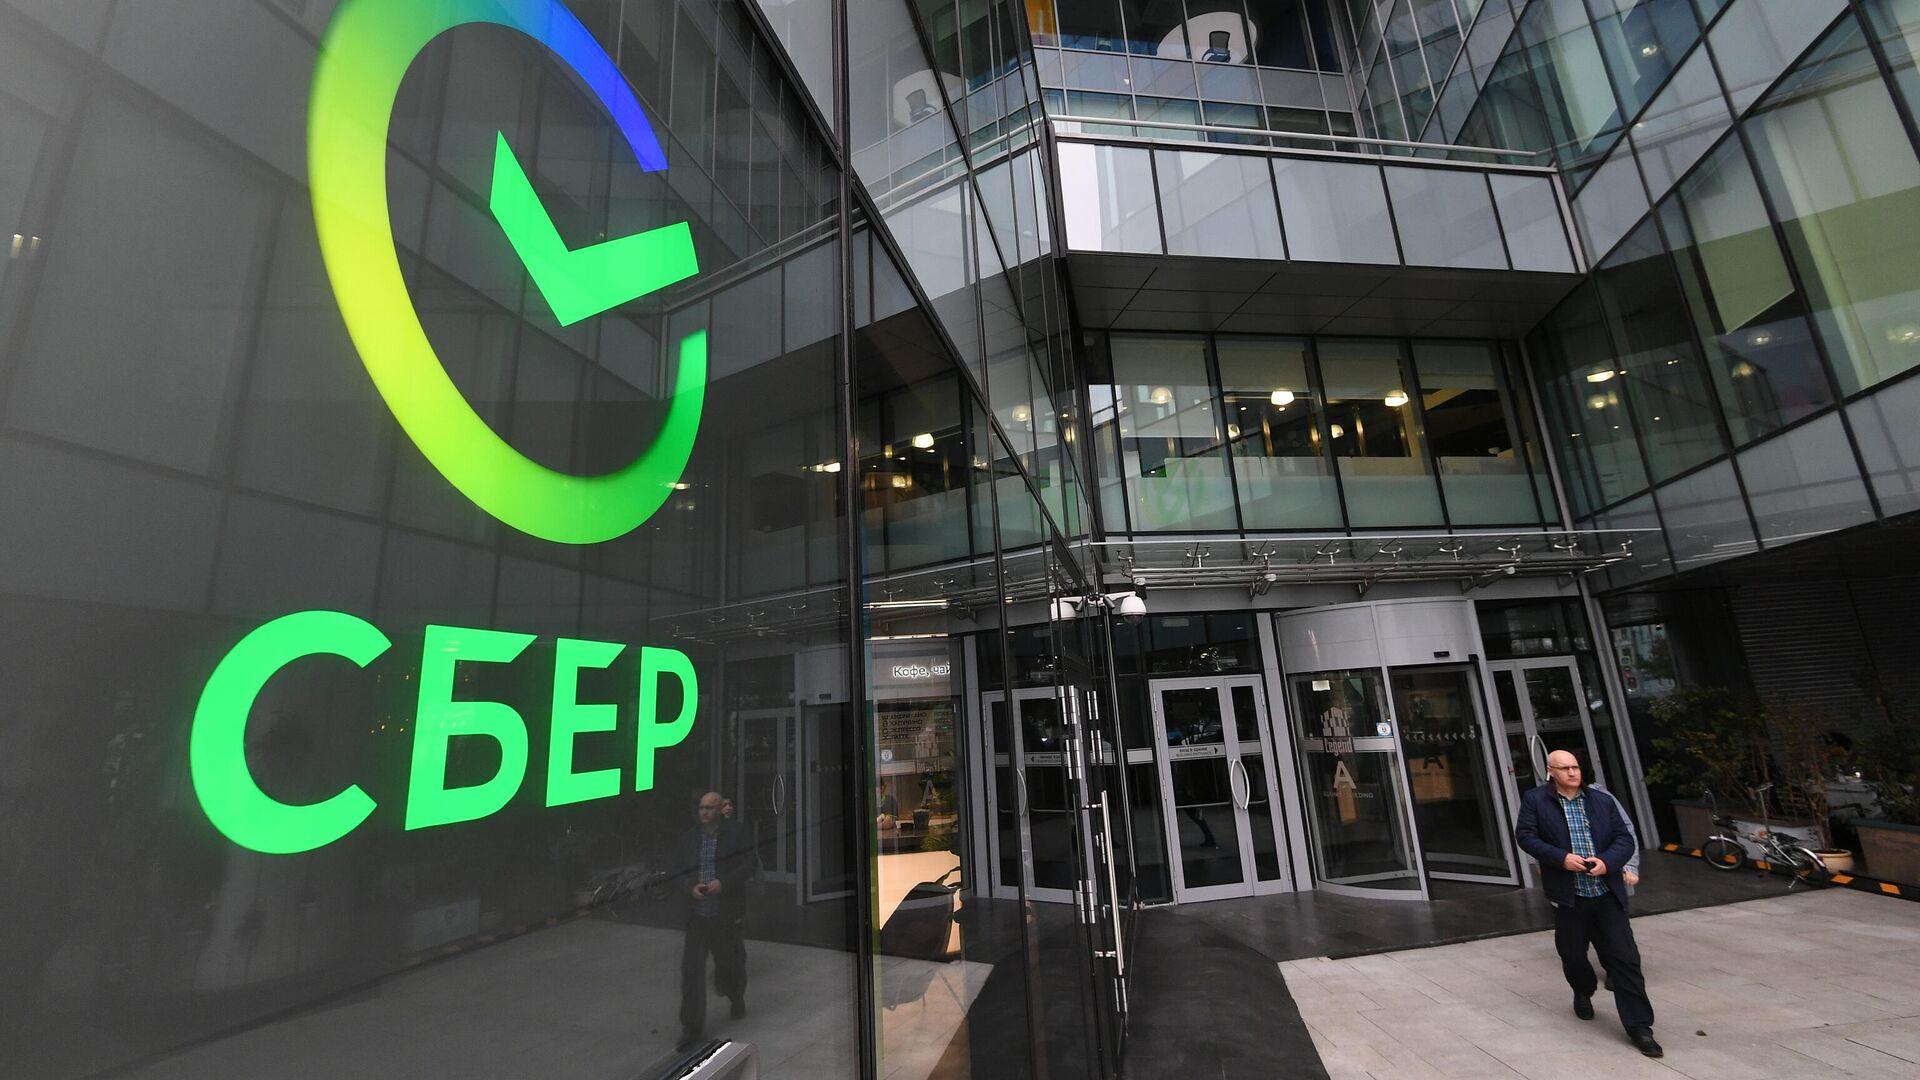 Первый офис Сбербанка в новом формате, открывшийся на Цветном бульваре в Москве - РИА Новости, 1920, 19.07.2021